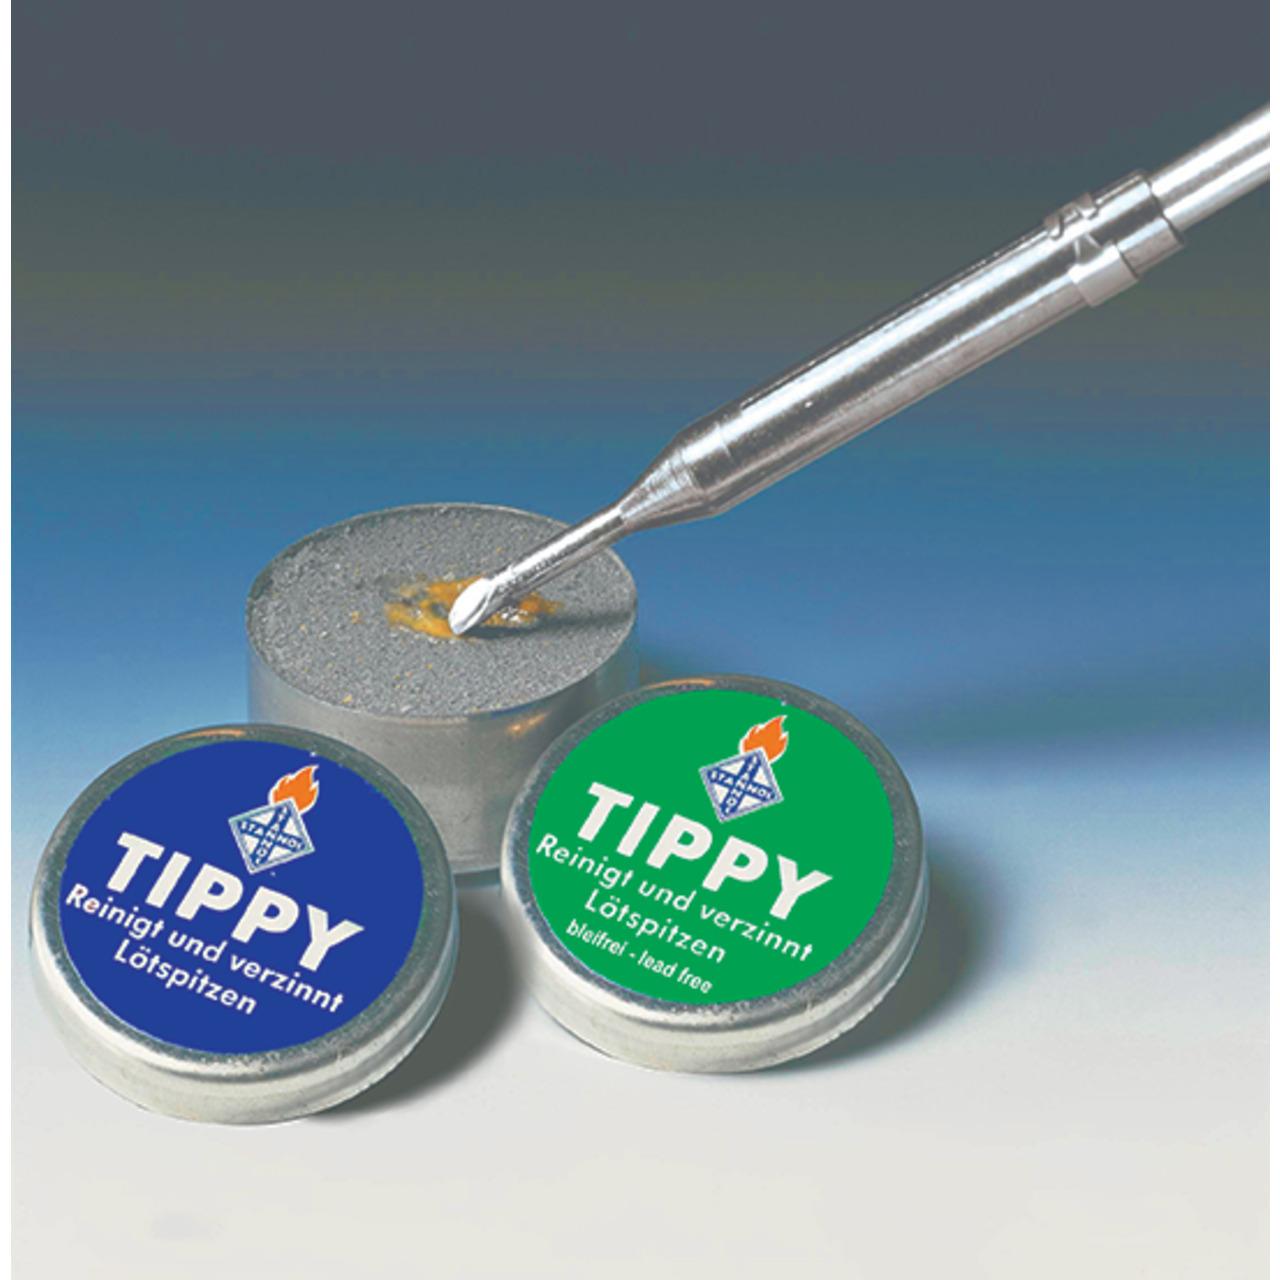 Stannol Lötspitzenreiniger Stannol Tippy- bleifrei- 15 g